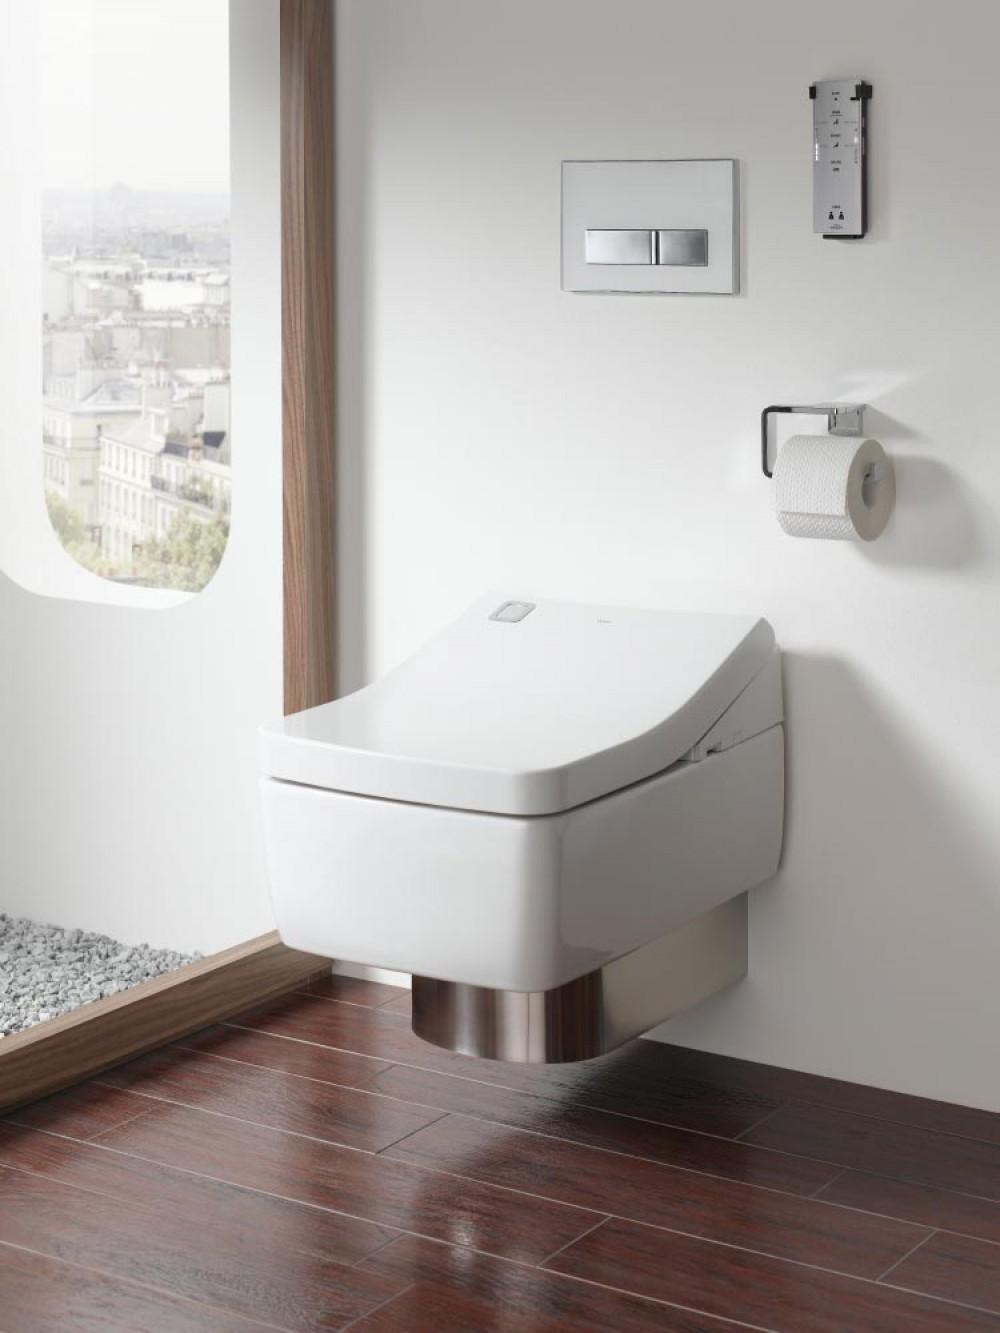 dusch wc Norm EN 1717 für Trinkwassersicherheit toto